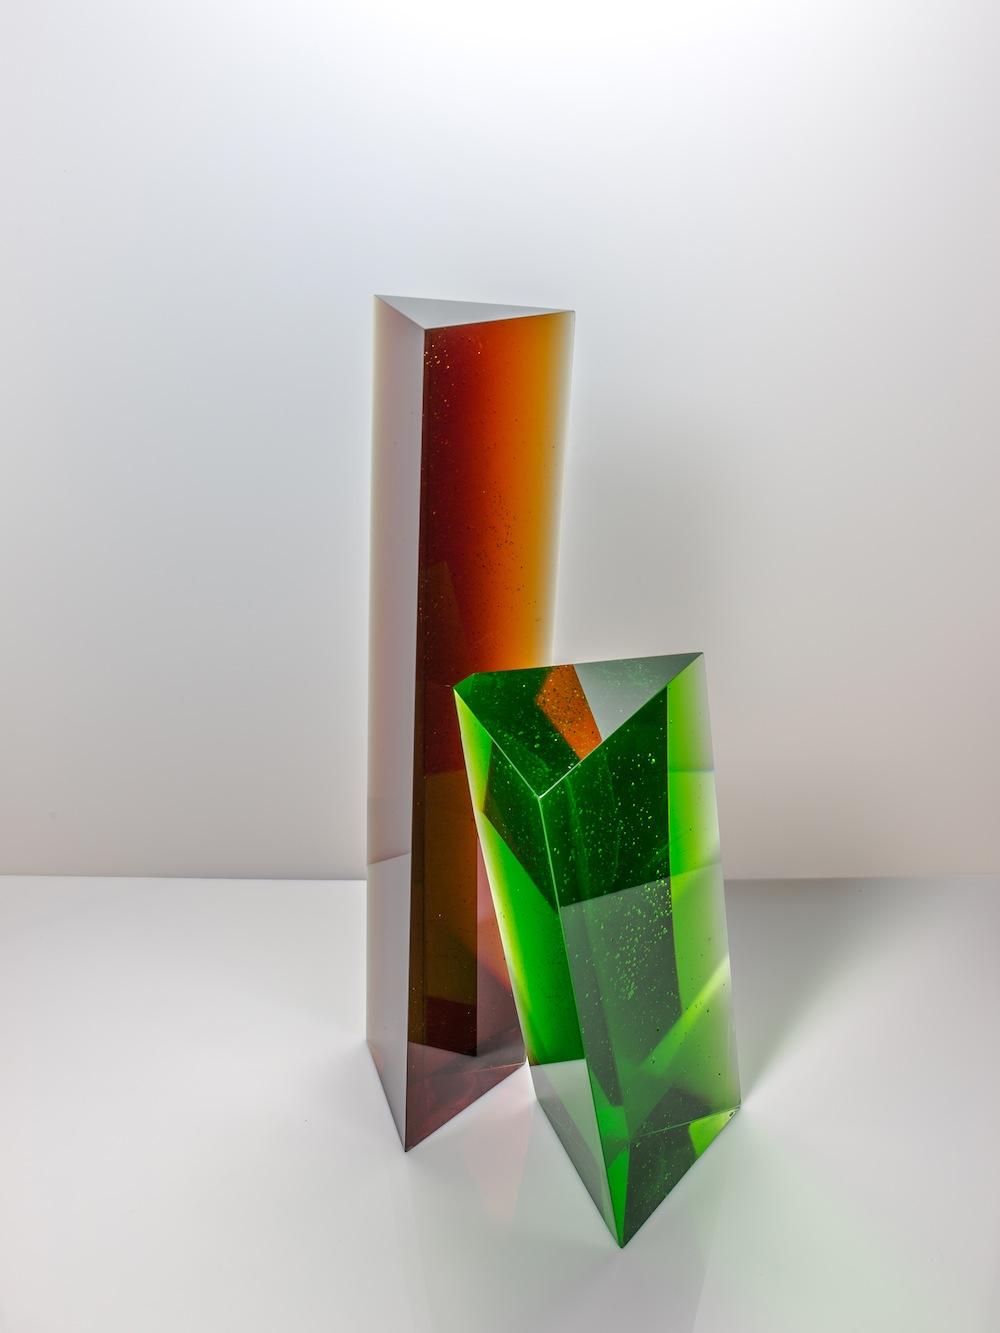 Herbert Schmid, Balance XIII